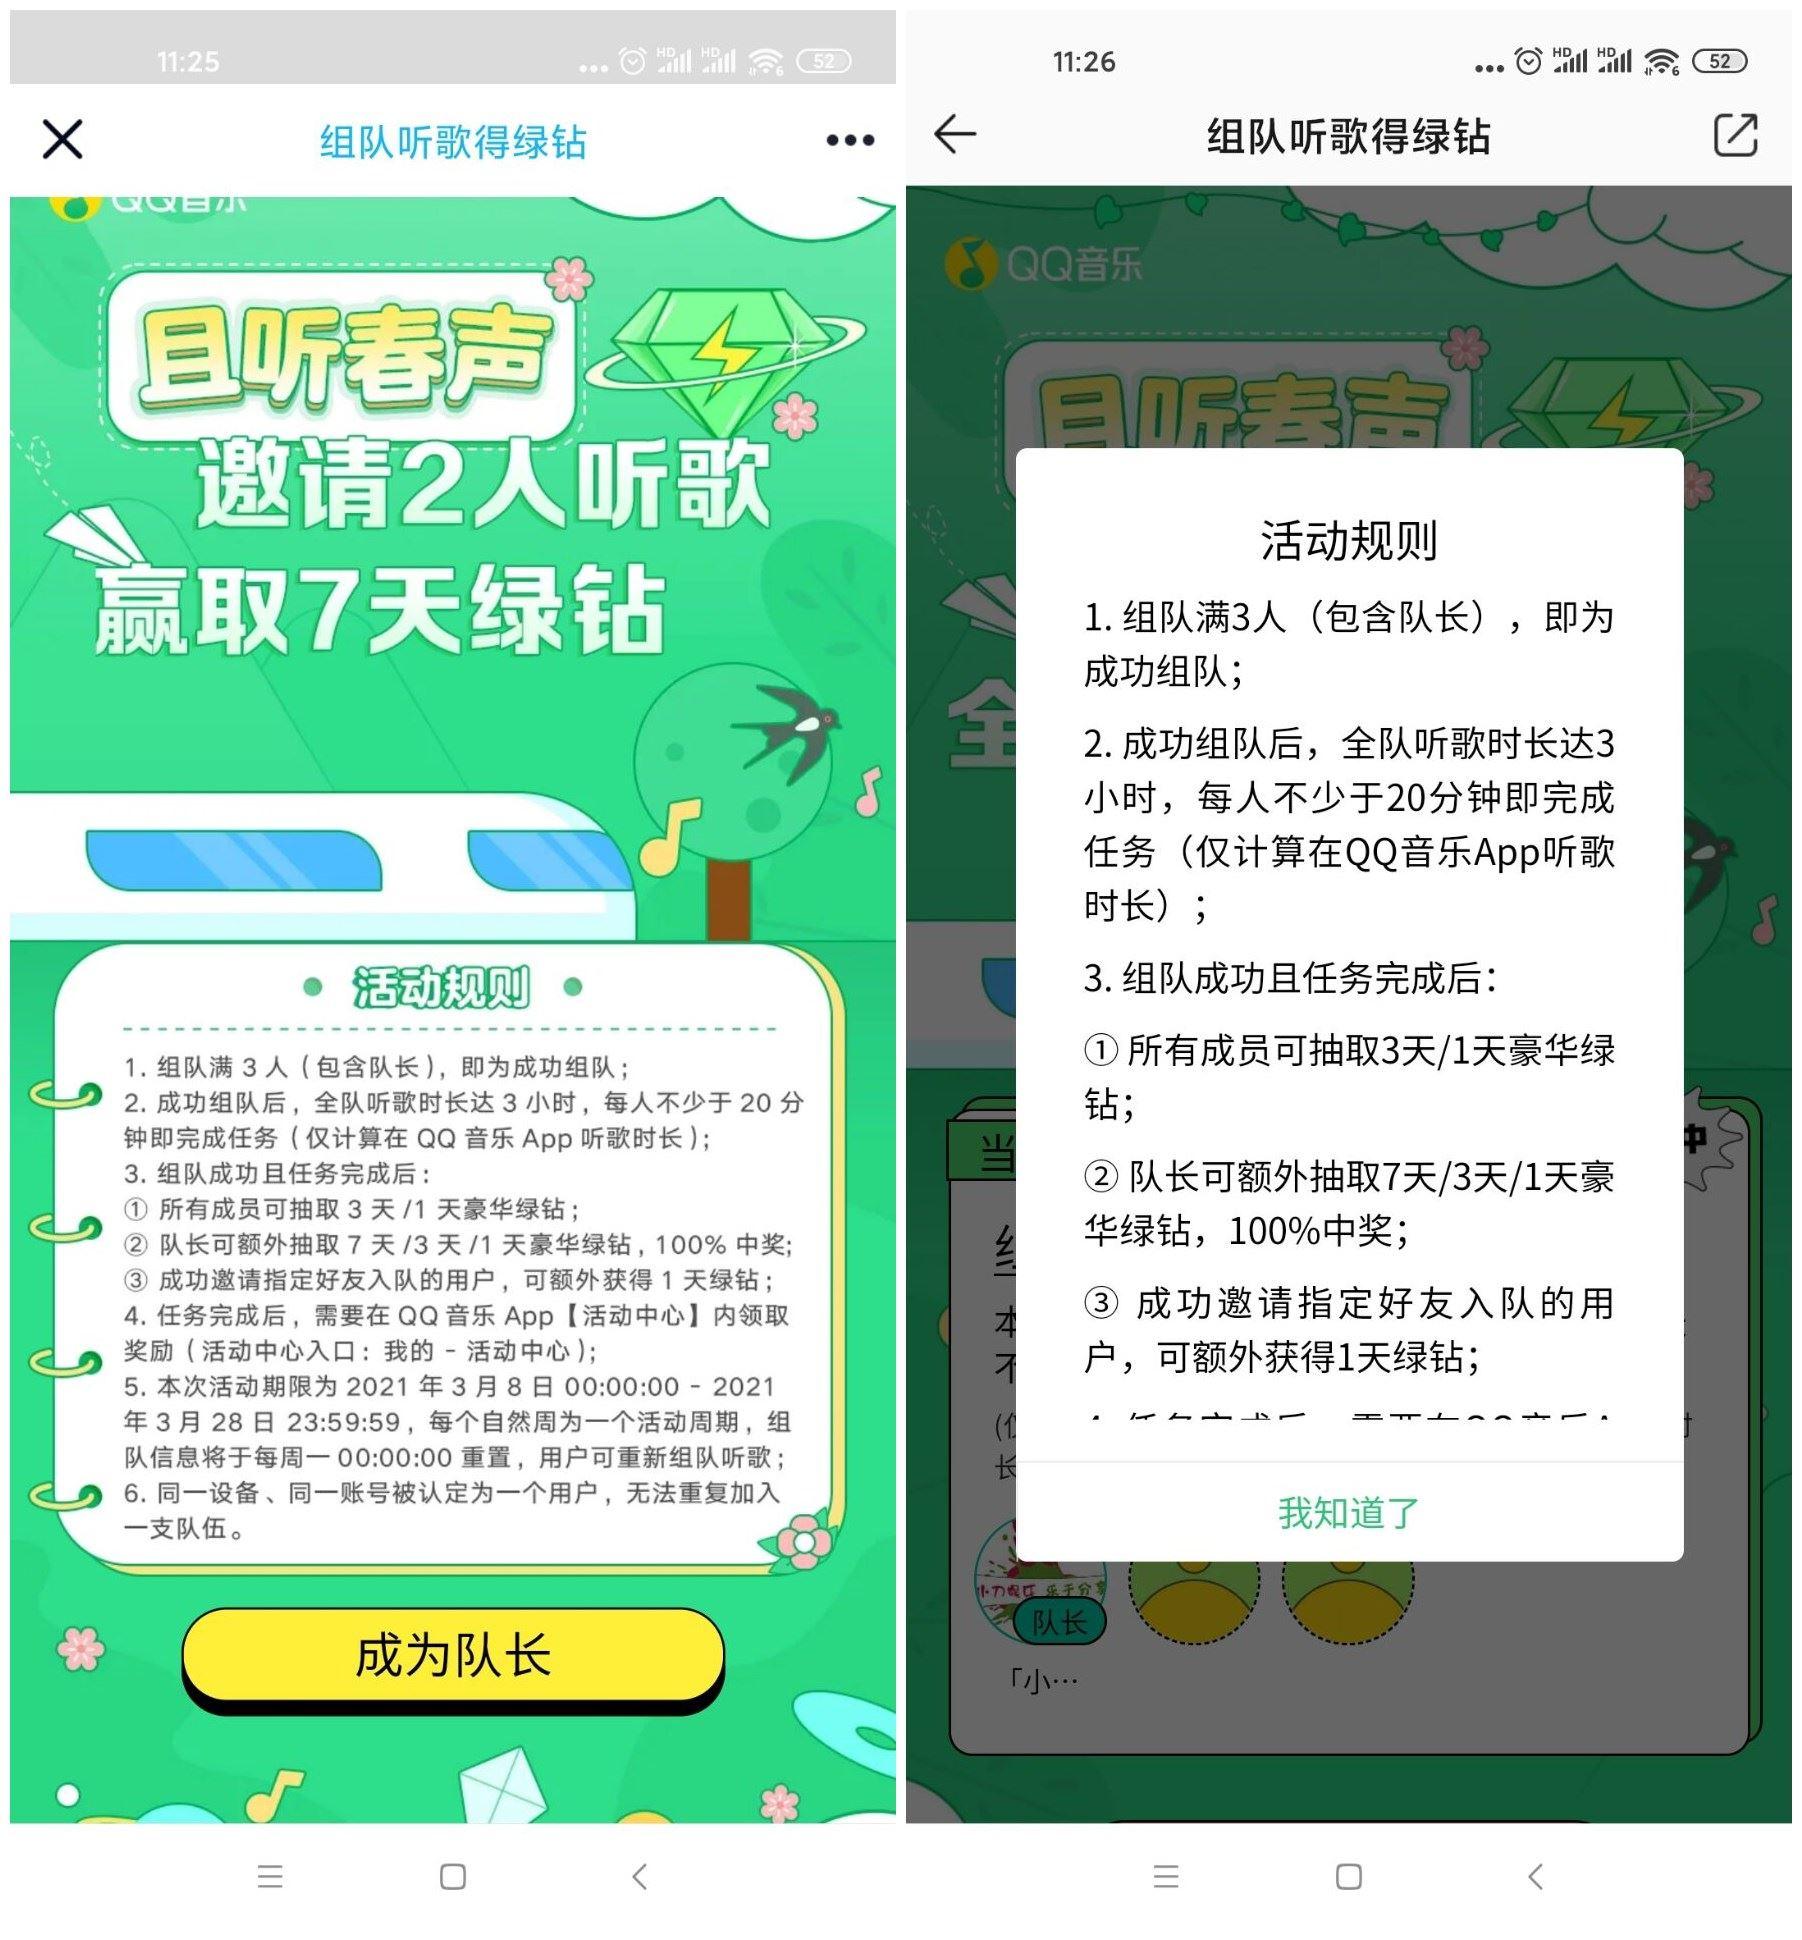 腾讯QQ音乐跟好友组队一起抽1到7天豪华绿钻